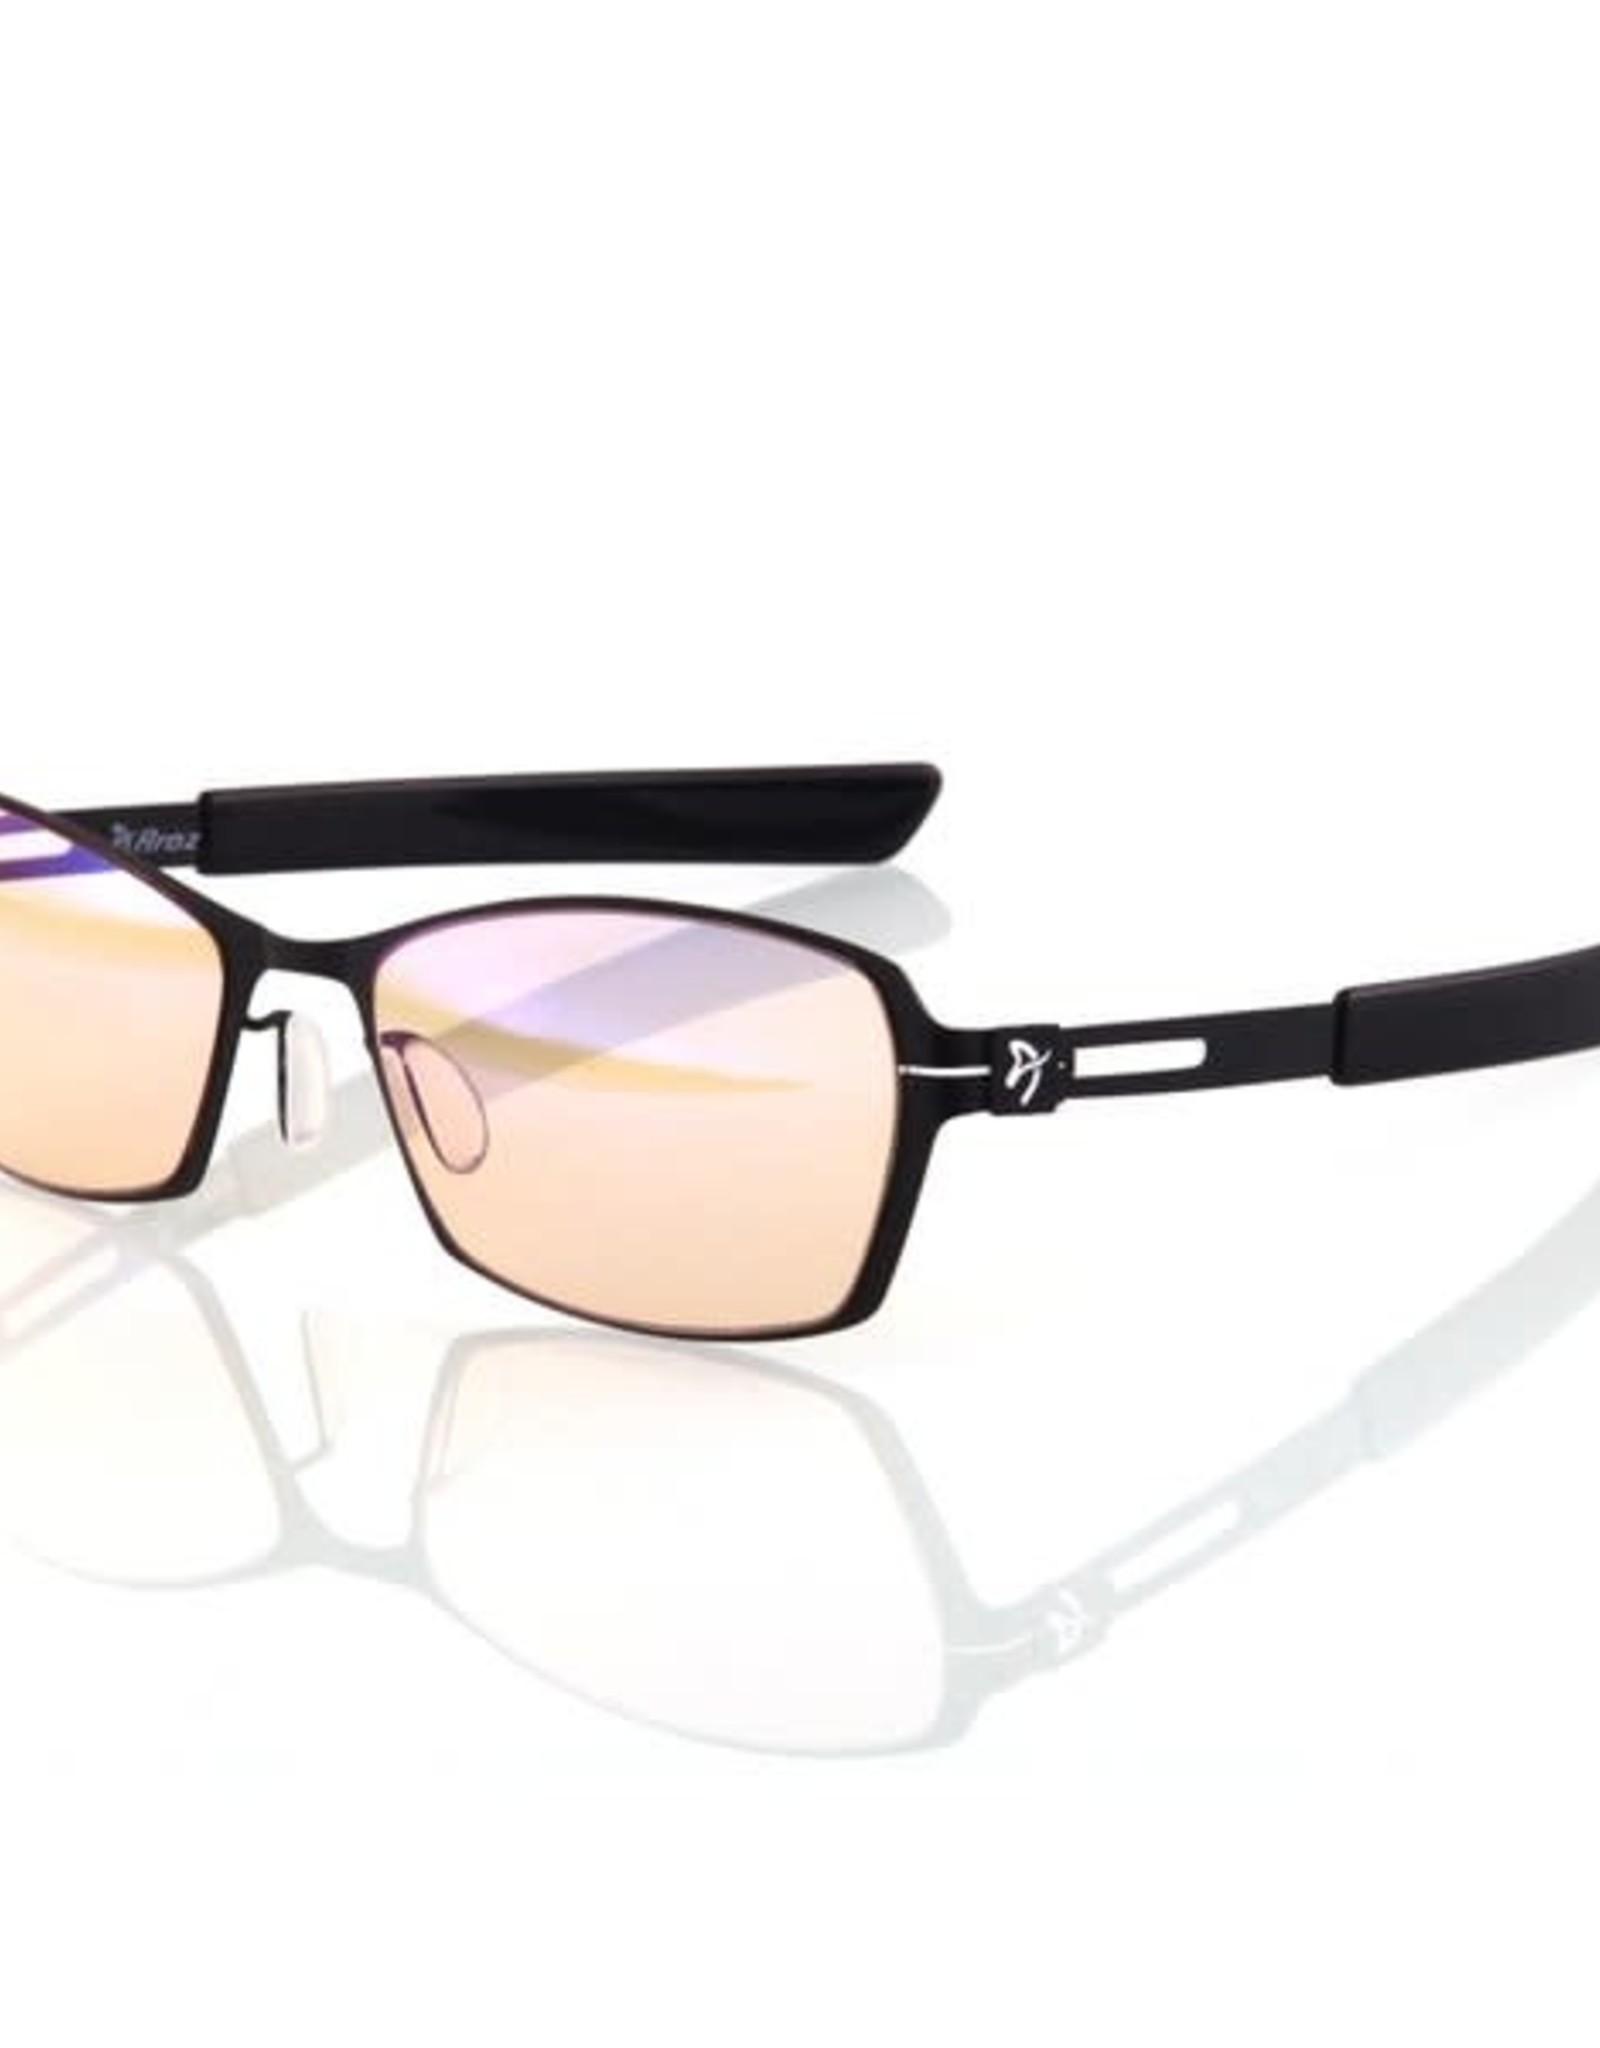 Arozzi   AROZZI Visione VX-500 Computer Gaming Glasses Black VX500-2